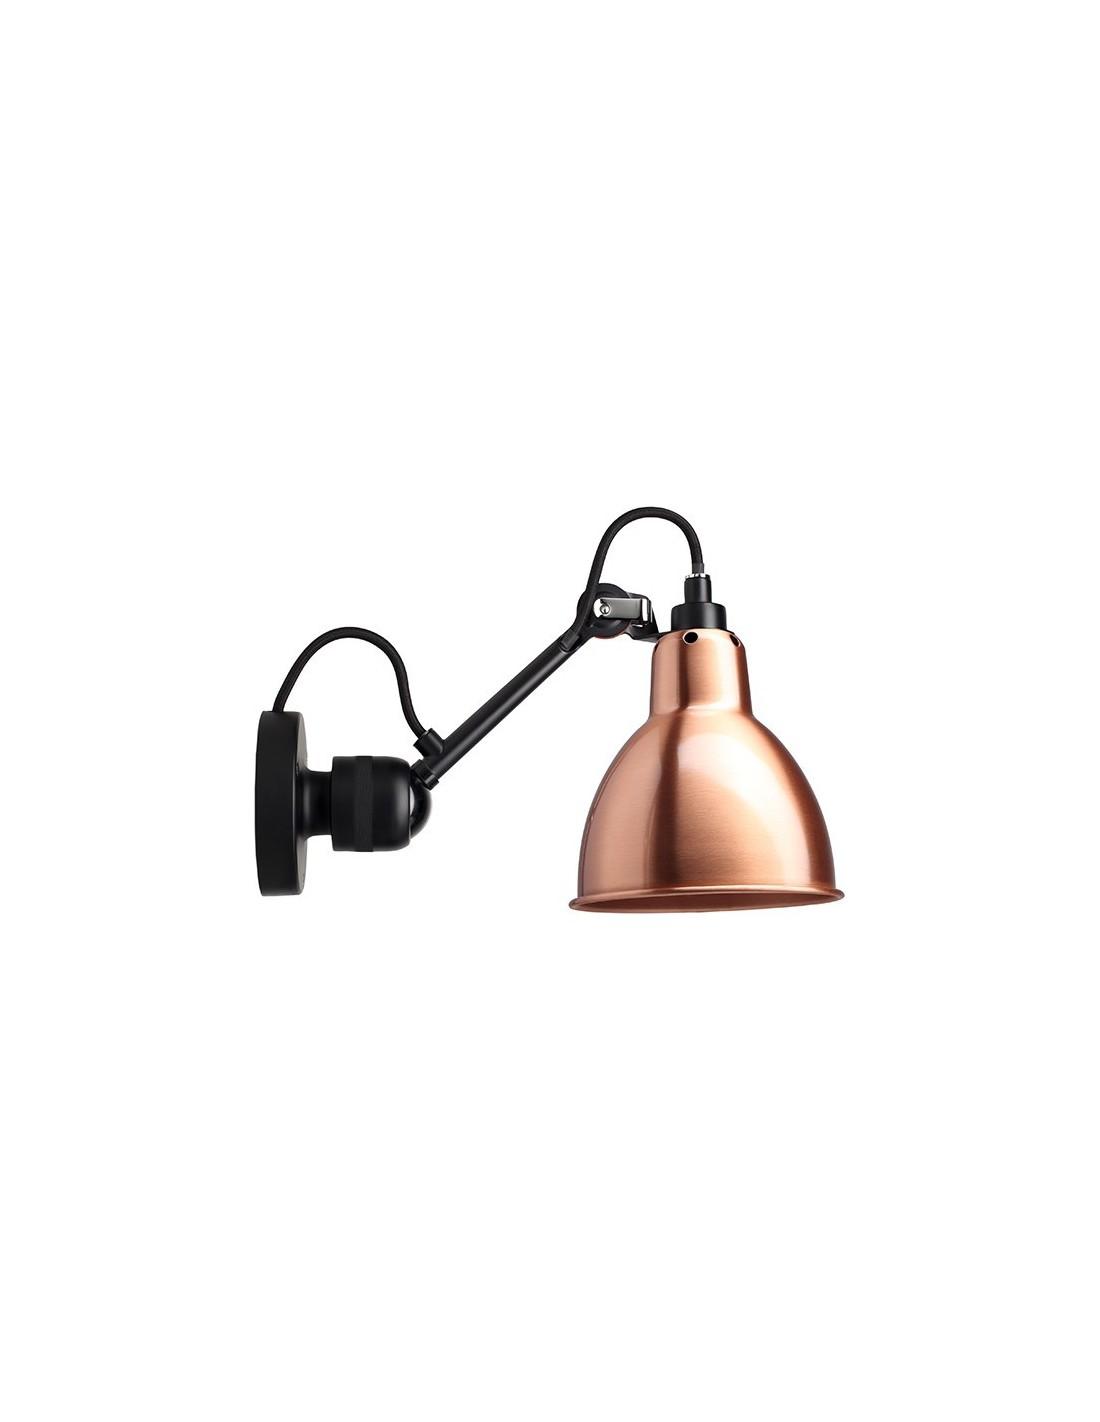 LAMP N304